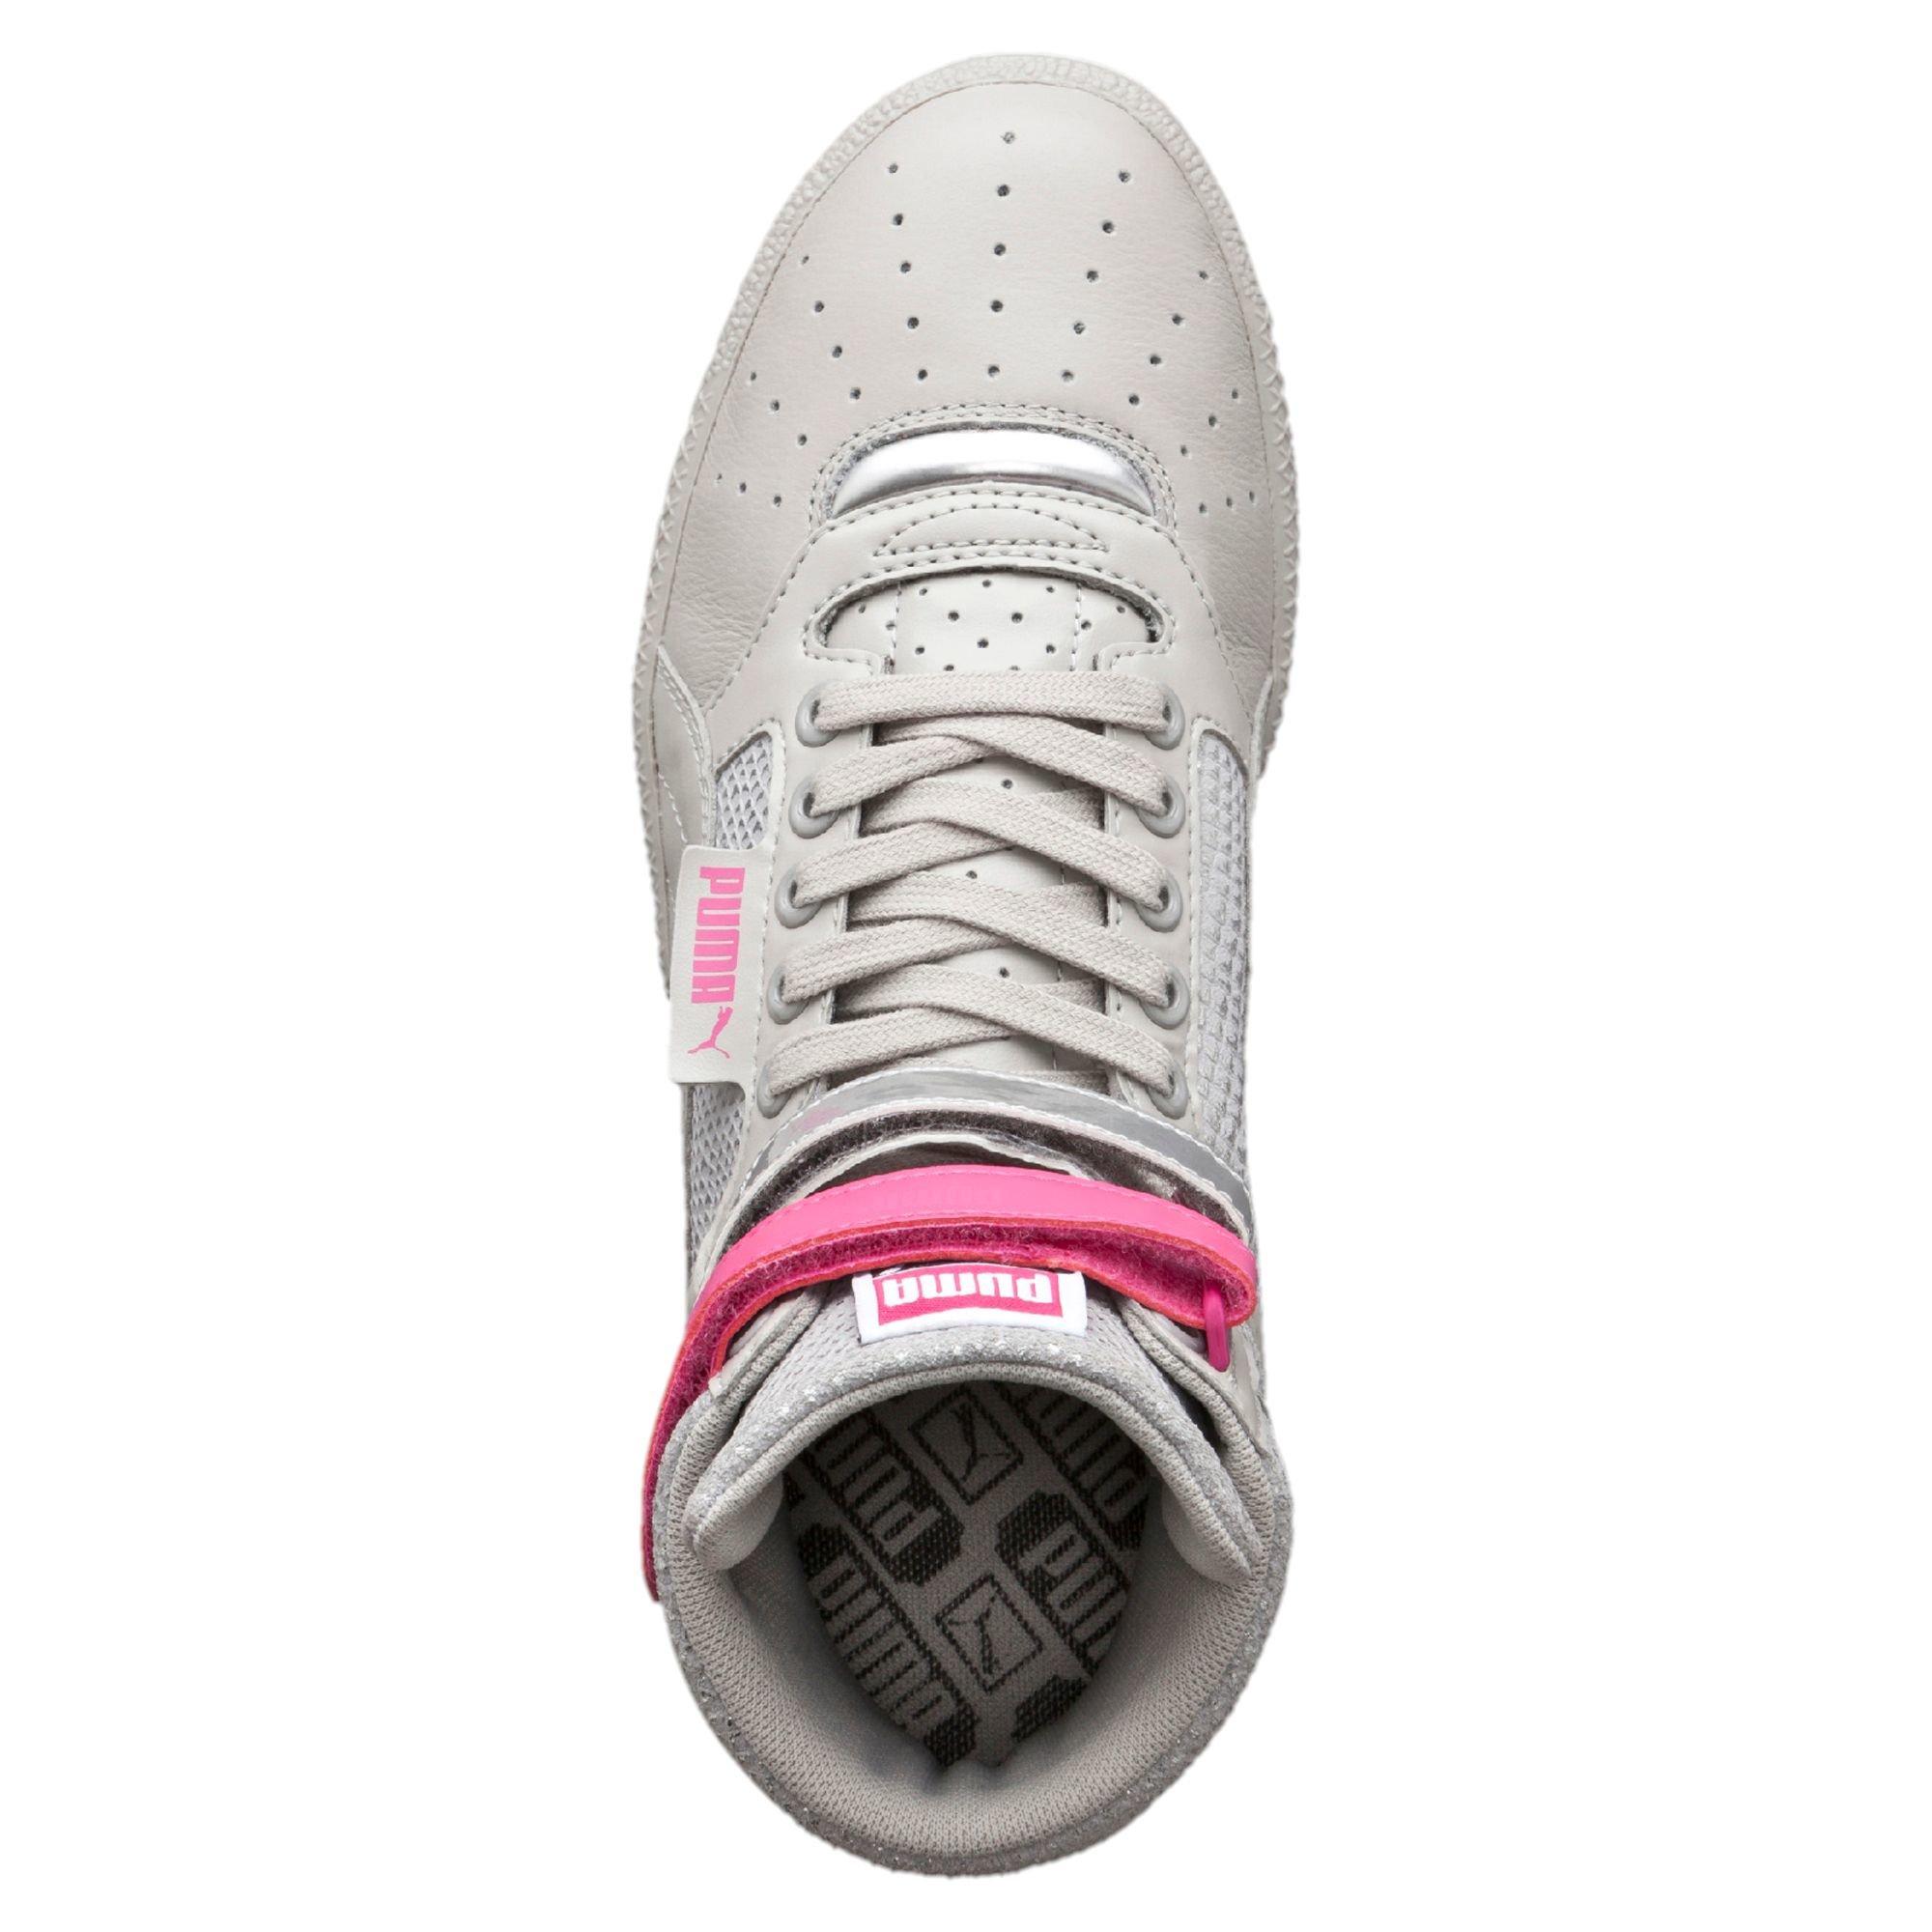 ad3f7071f7f4 Lyst - PUMA Sky Ii Hi Future Minimal Women s Sneakers